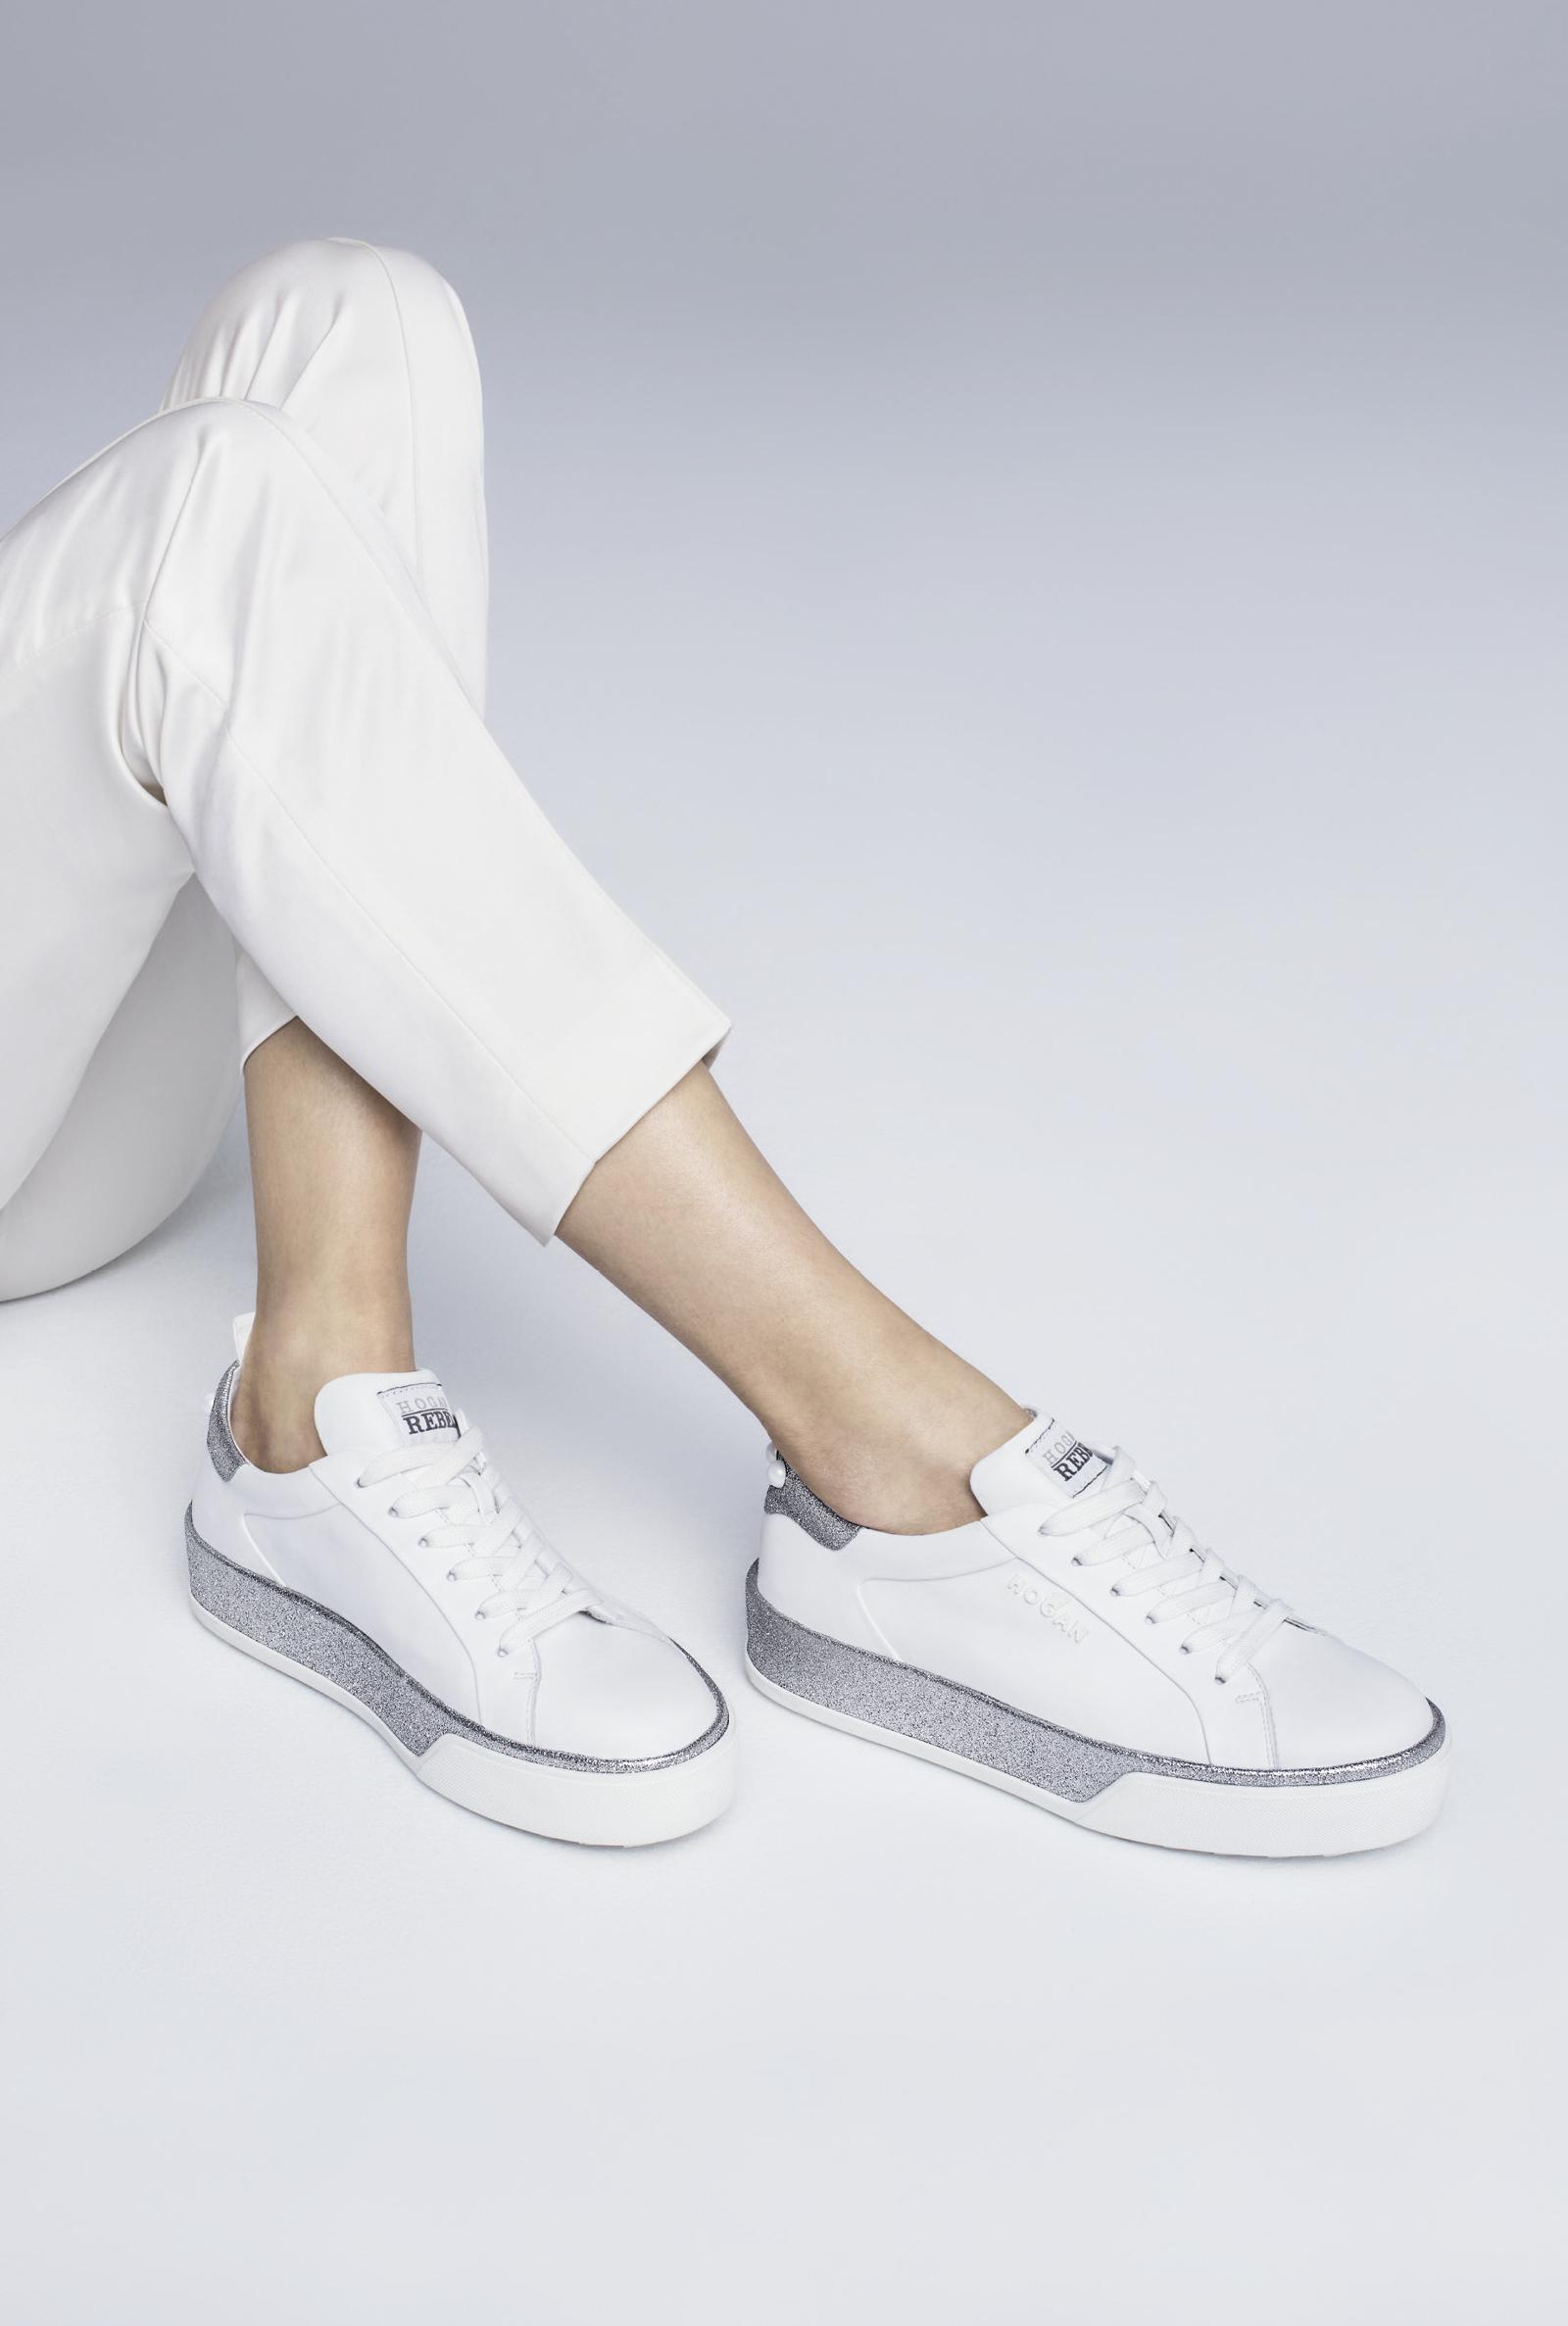 18- Damen Sneakers kombinieren (2)